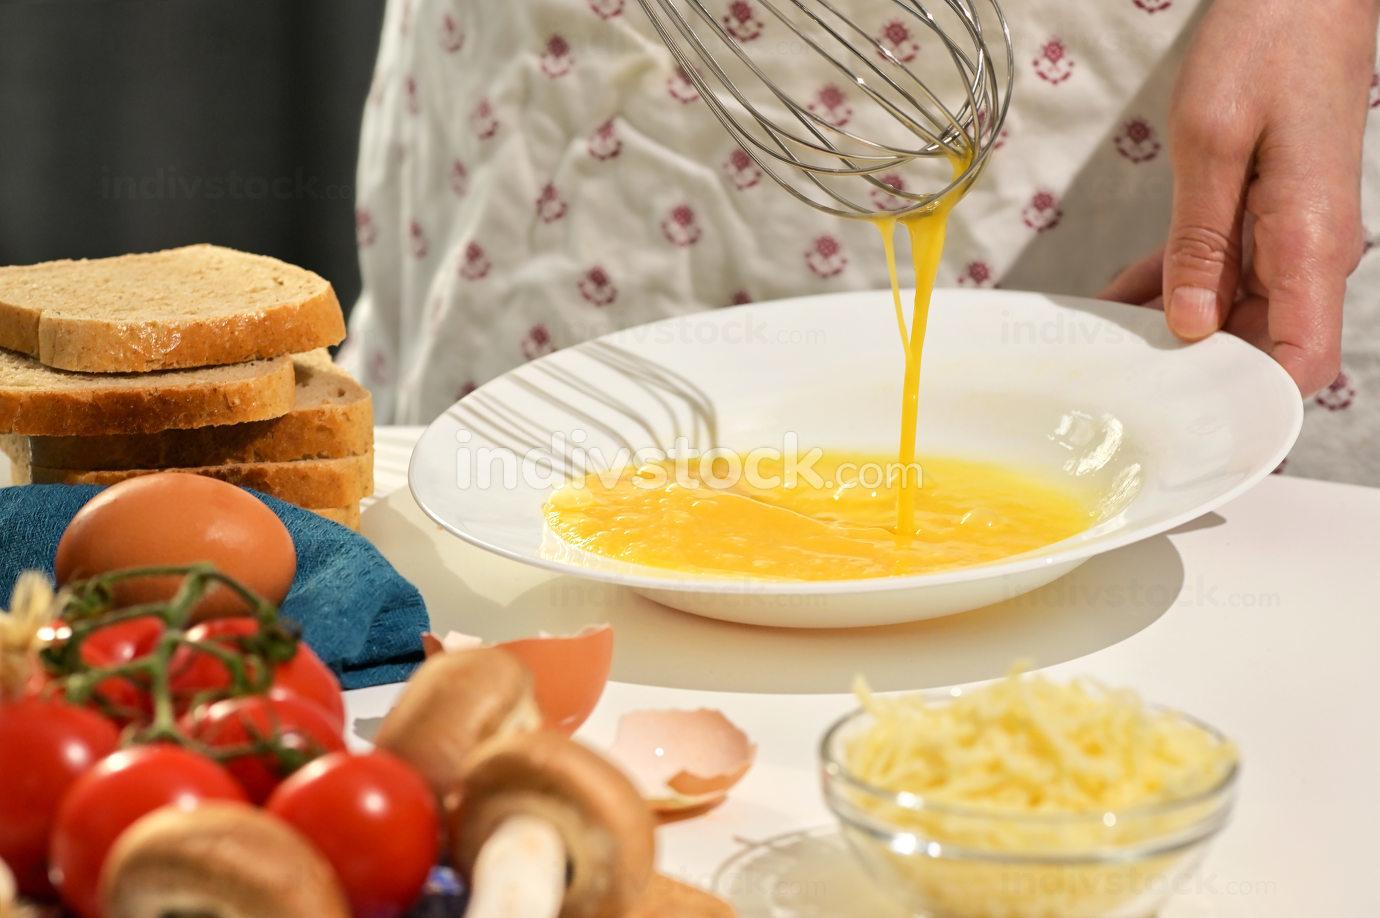 Beaten Eggs to Prepare An Omelette